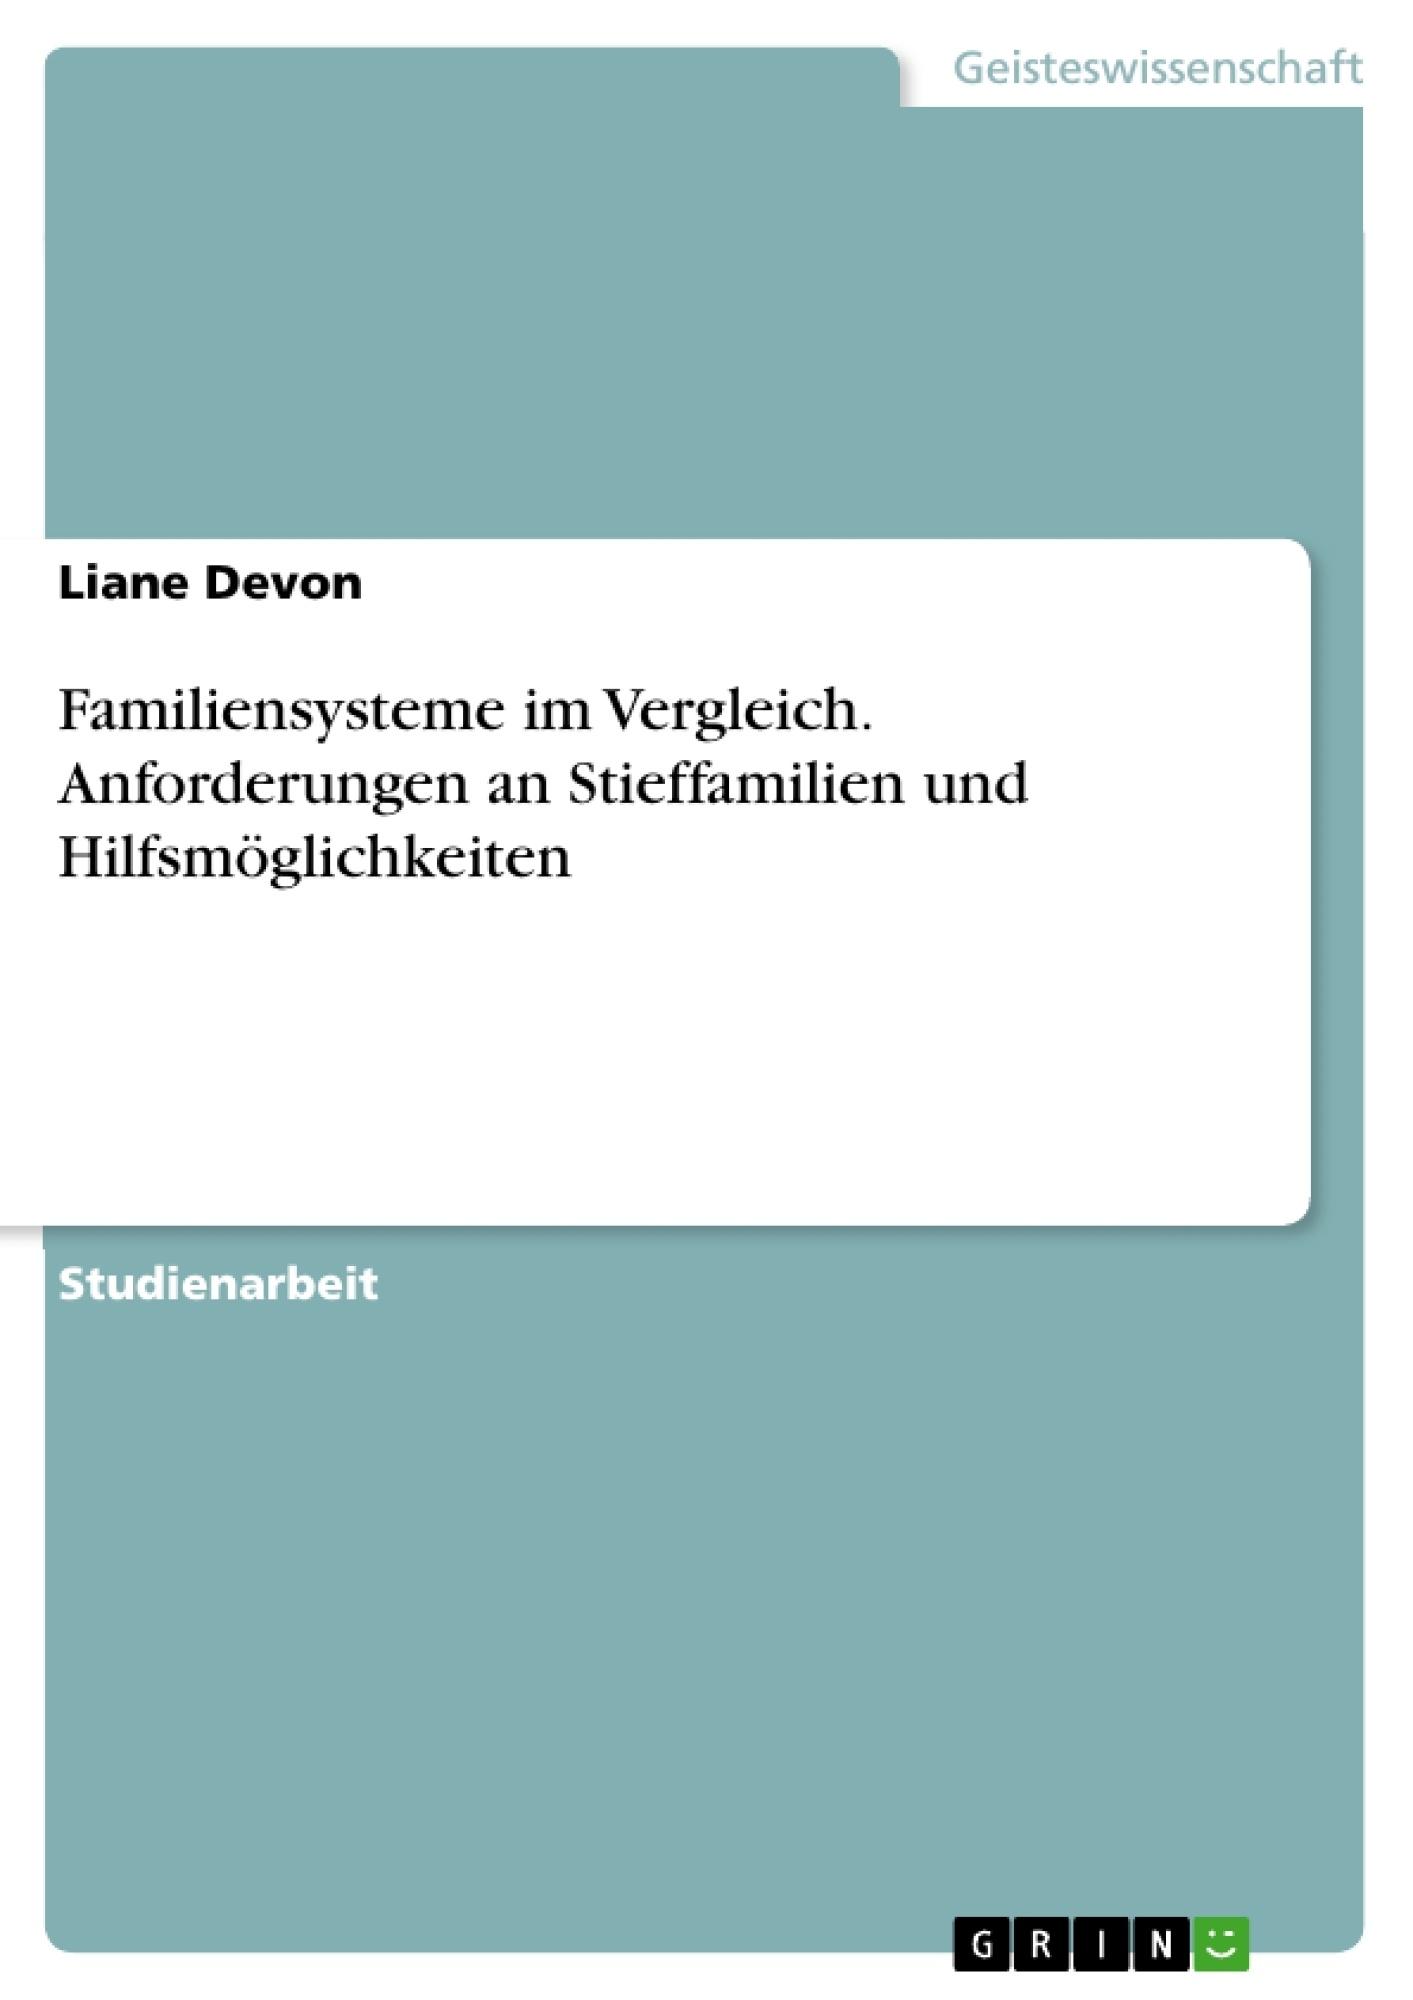 Titel: Familiensysteme im Vergleich. Anforderungen an Stieffamilien und Hilfsmöglichkeiten